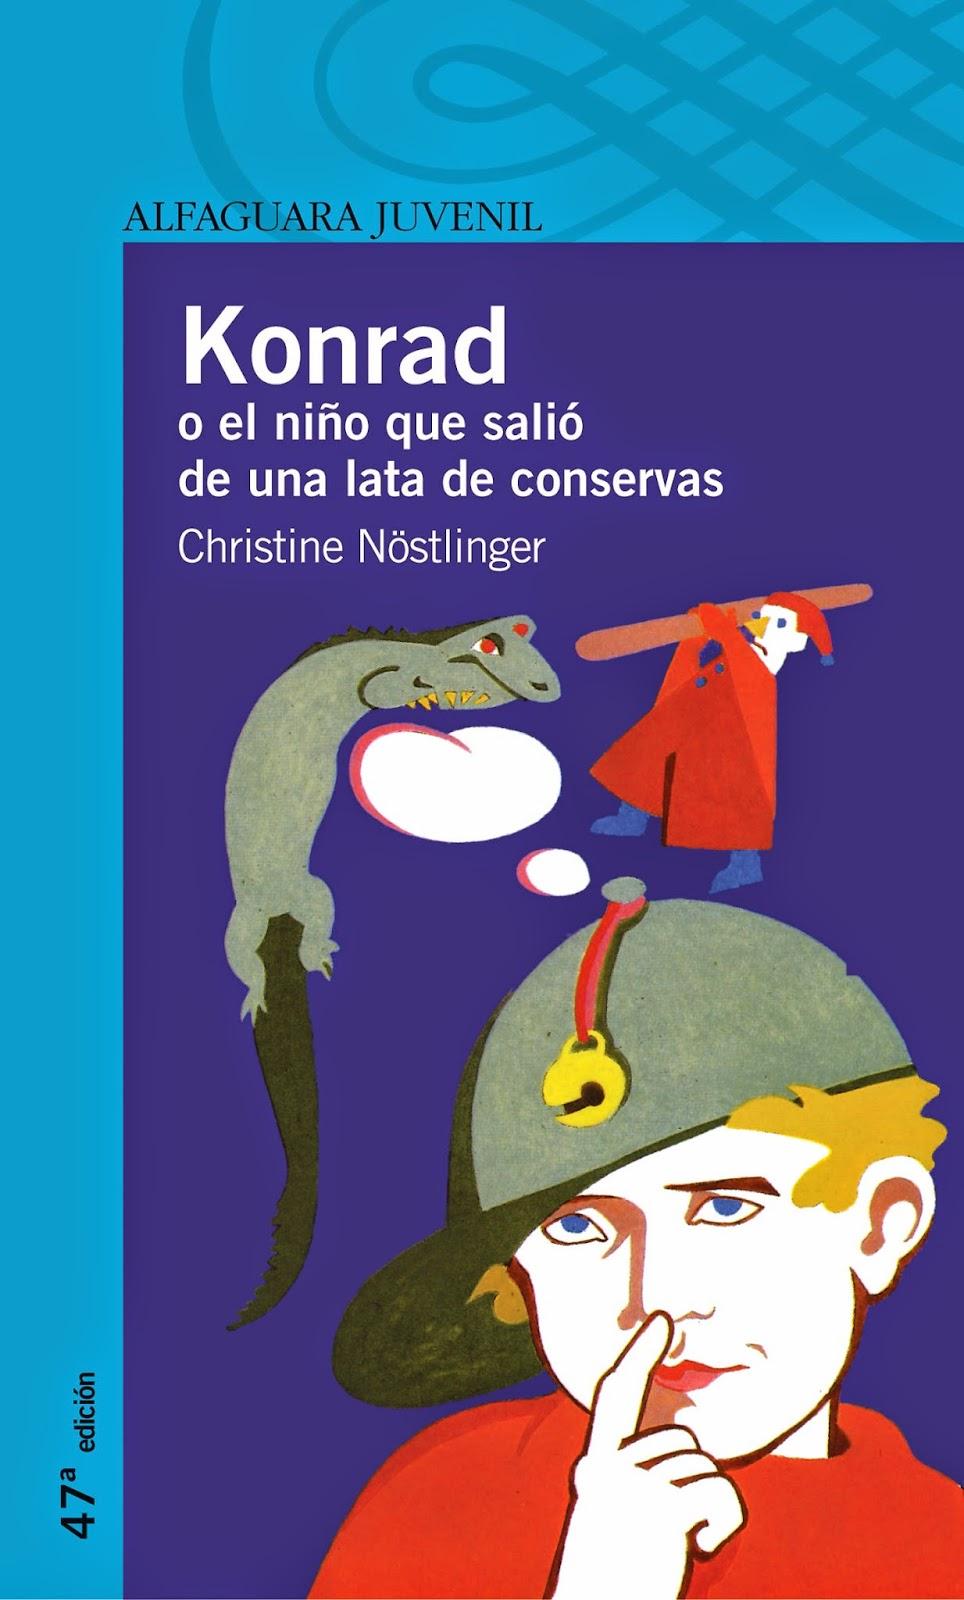 Konrad o el niño que salió de una lata de conservas